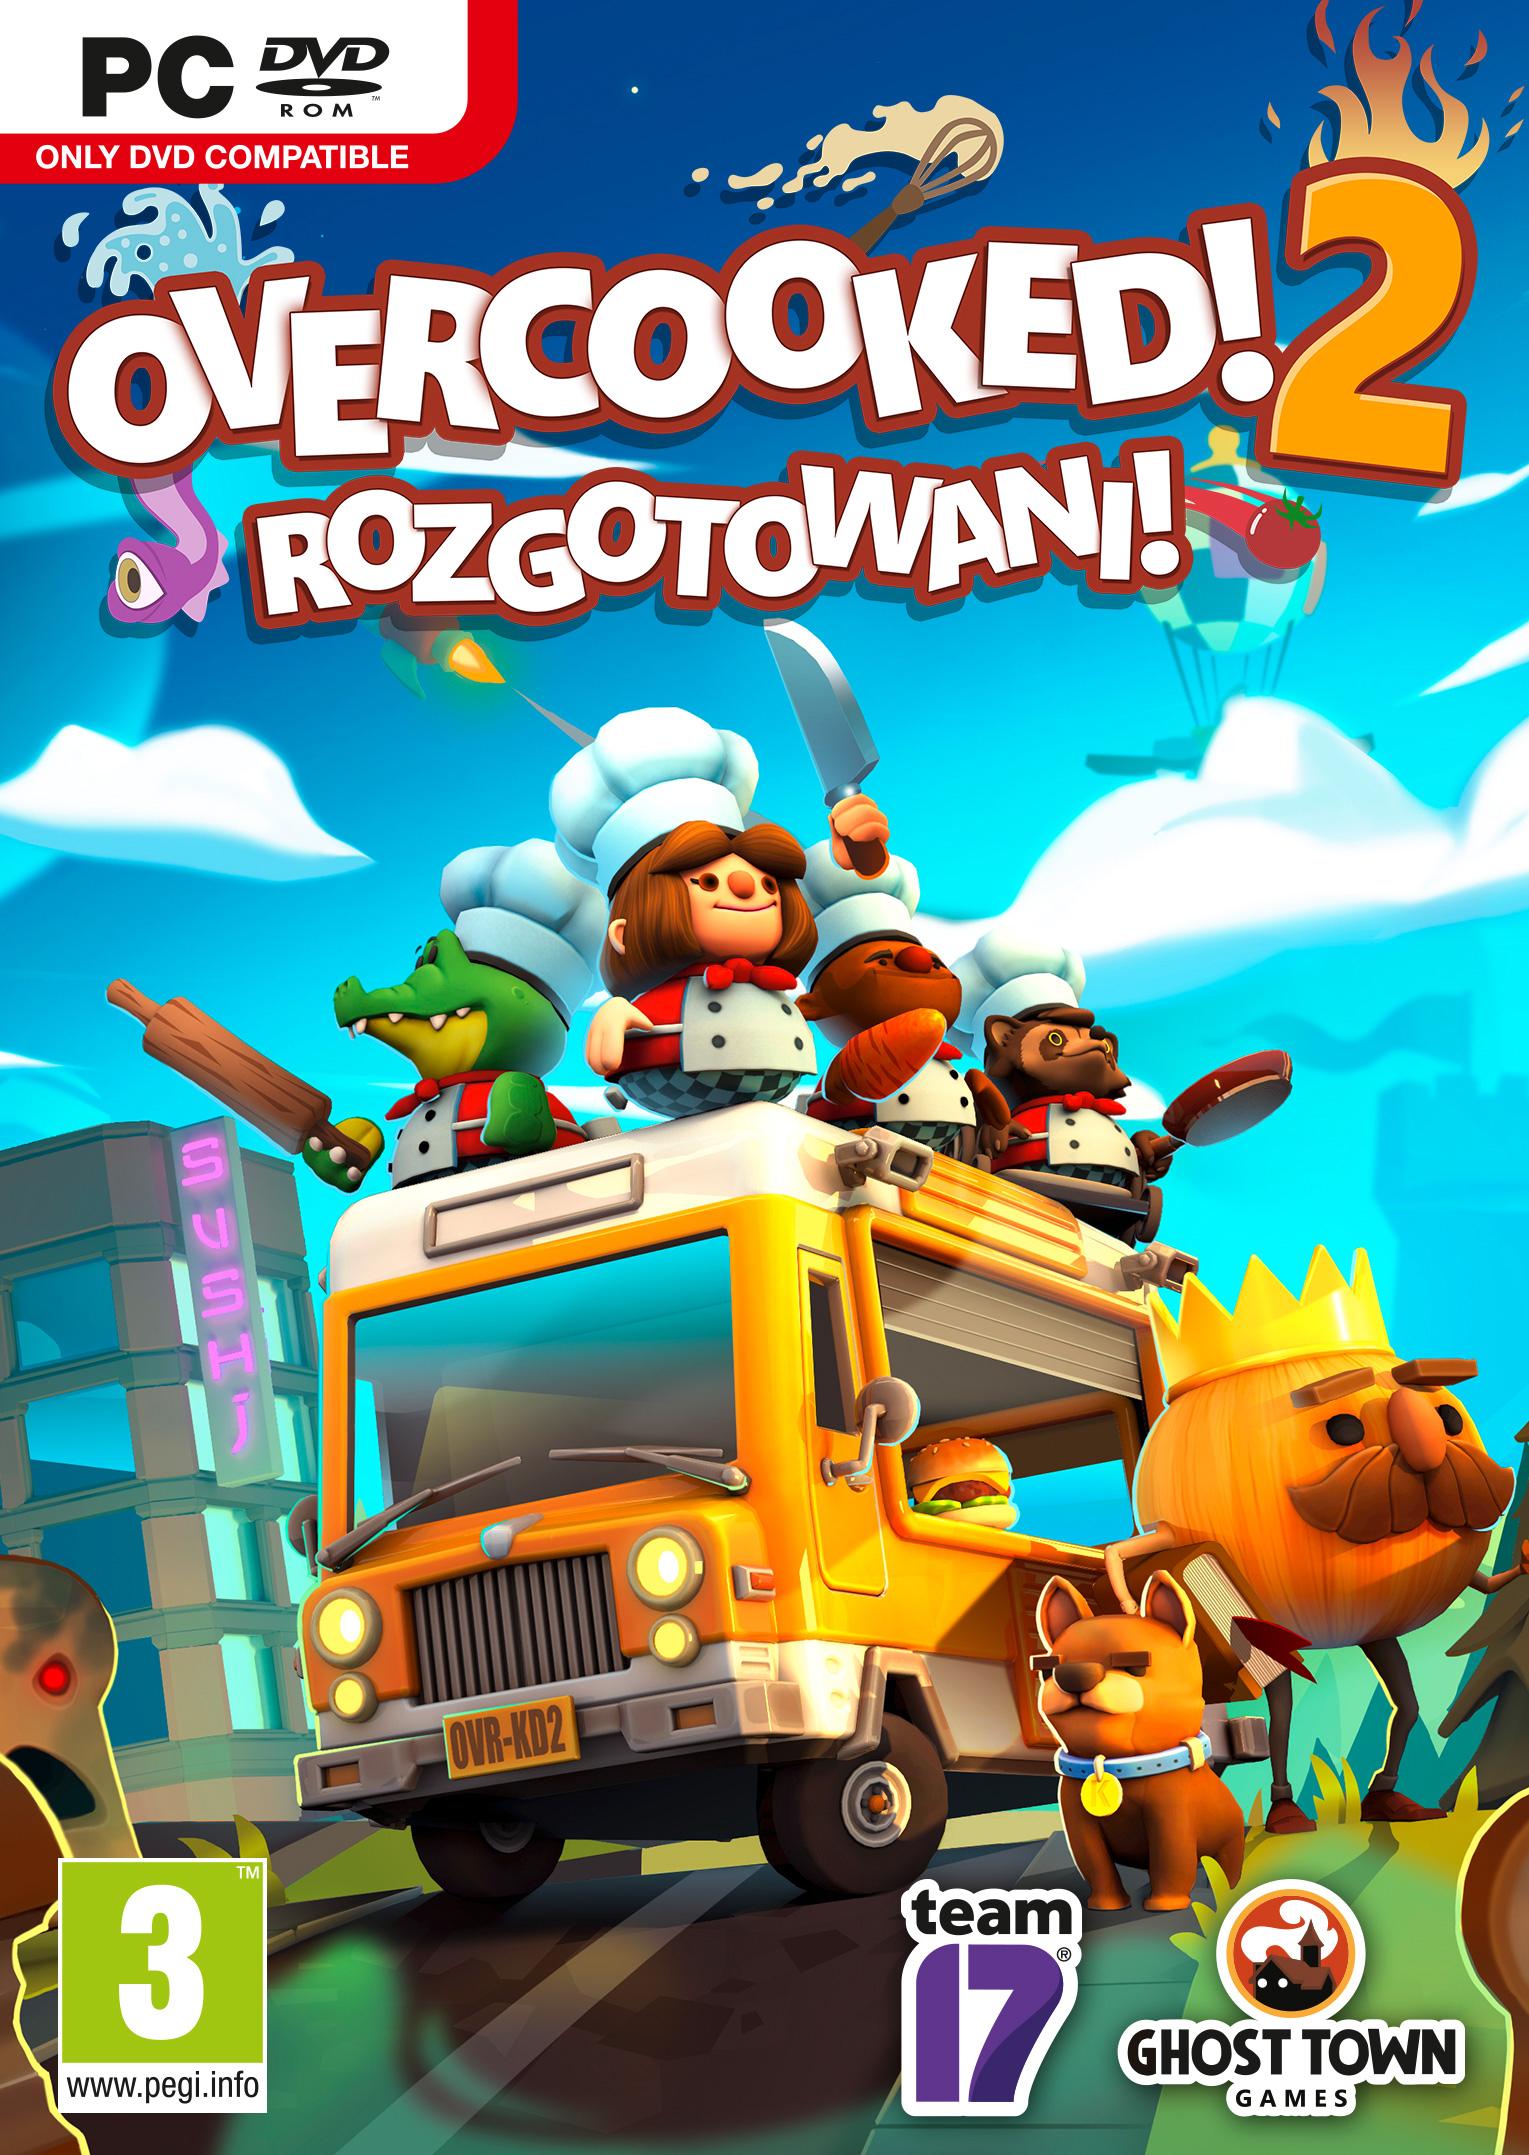 Overcooked 2: Rozgotowani PC